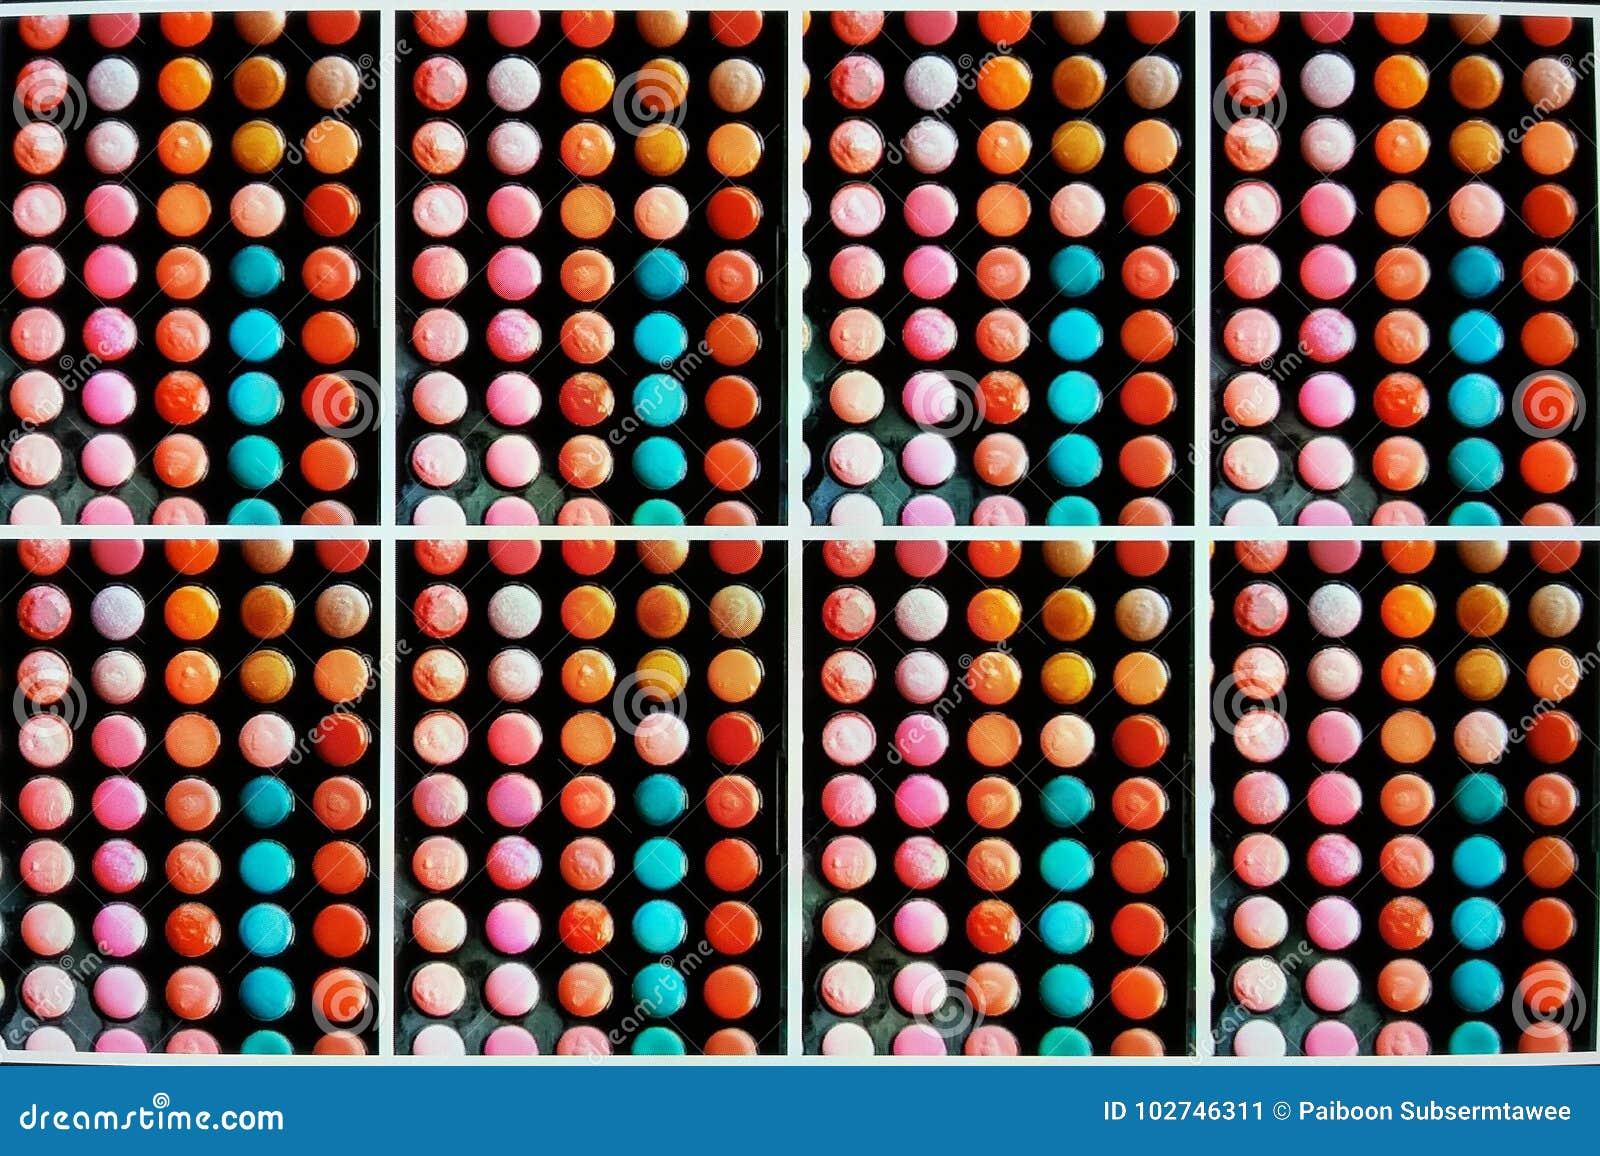 Dots Pixels Colors